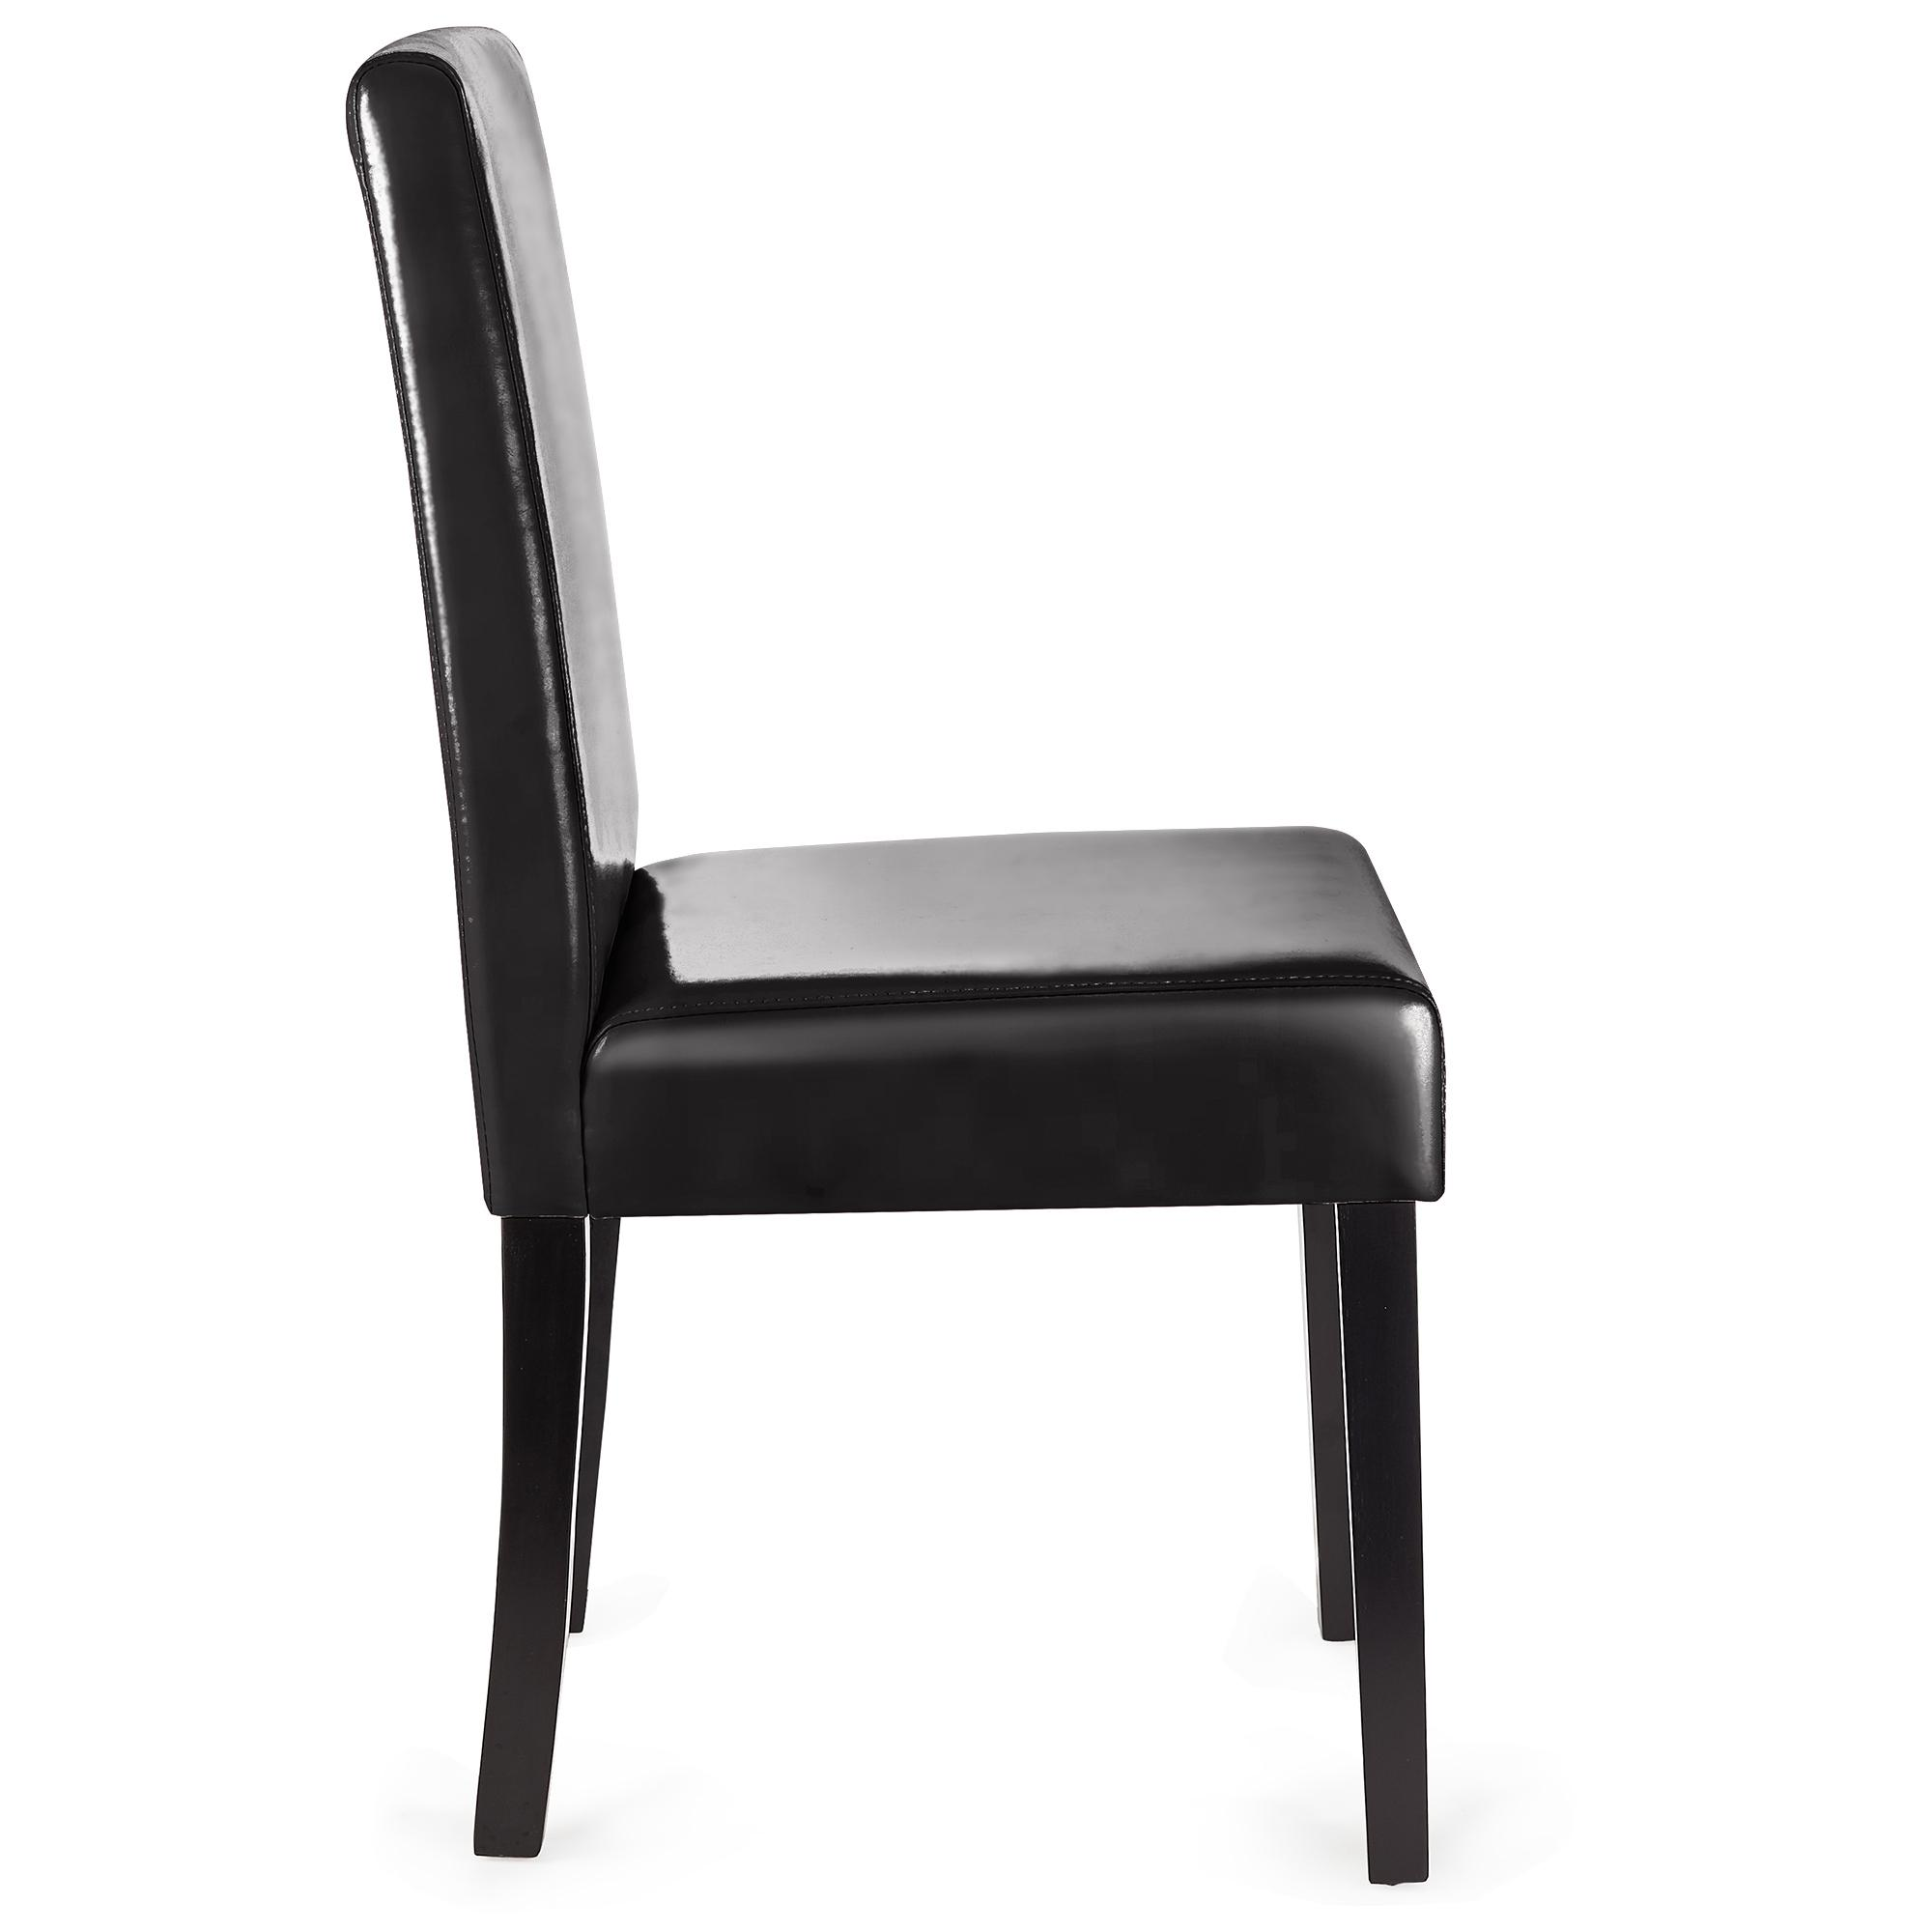 Lote 6 sillas comedor litau piel natural negra y patas - Sillas comedor piel ...